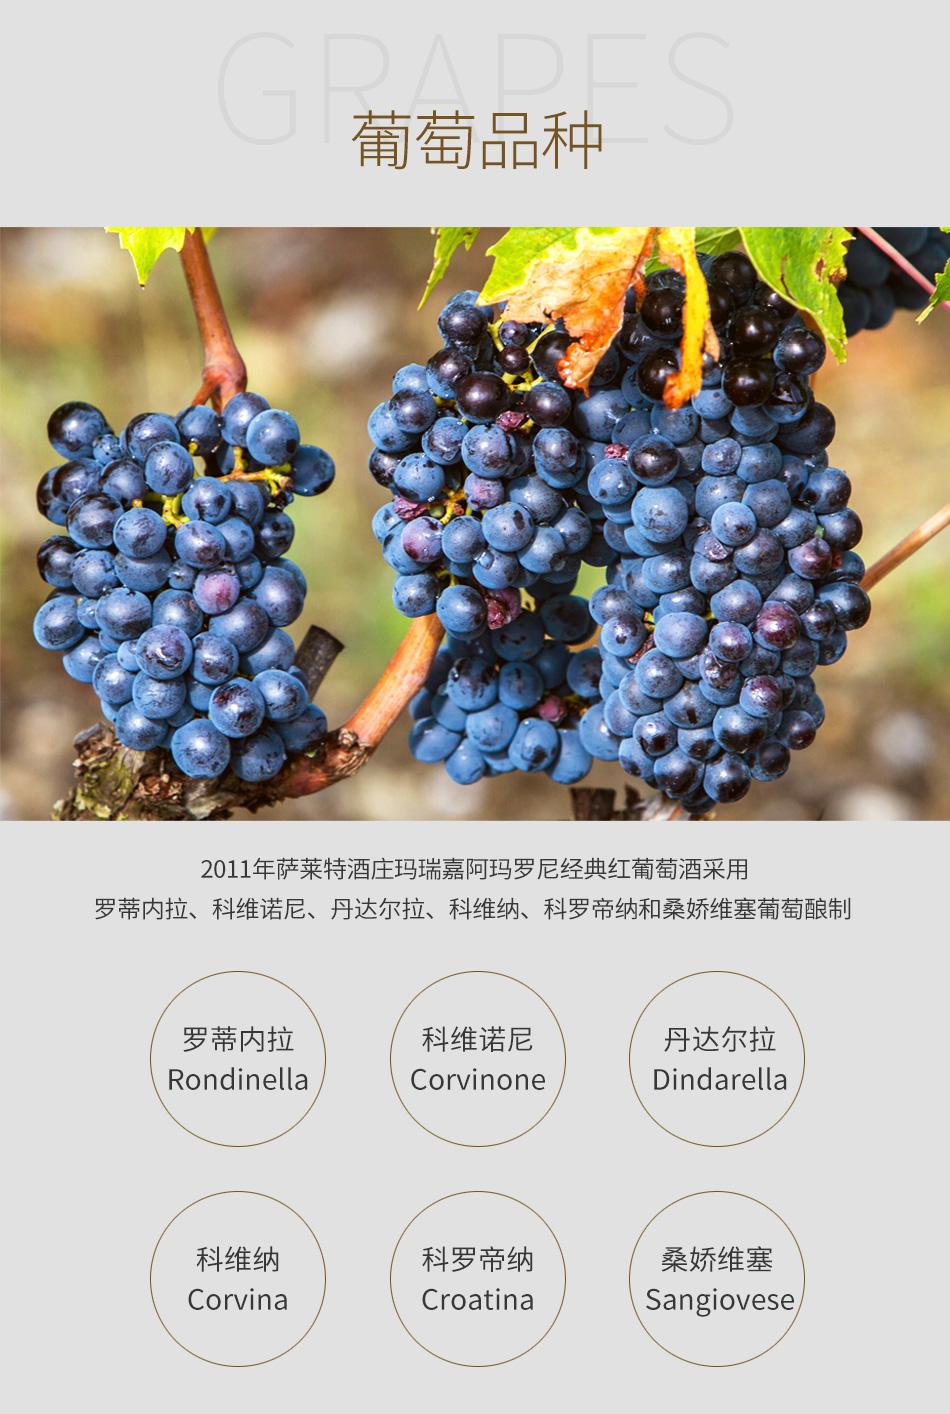 2011年萨莱特酒庄玛瑞嘉阿玛罗尼经典红葡萄酒--葡萄品种